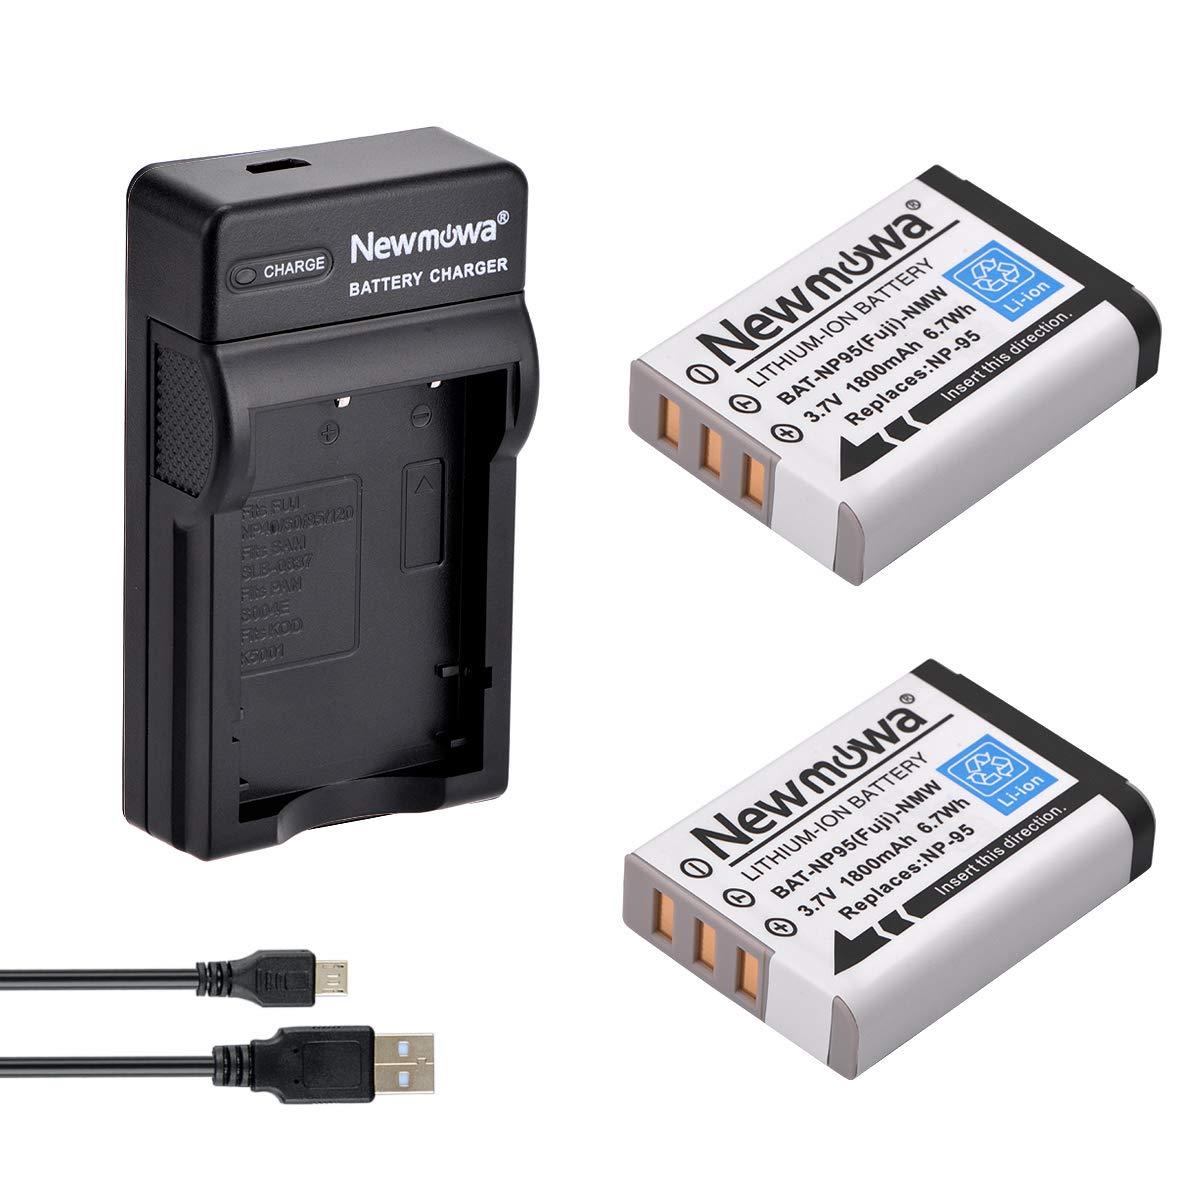 Newmowa NP-95 Batería (2-Pack) y Kit Cargador Micro USB ...